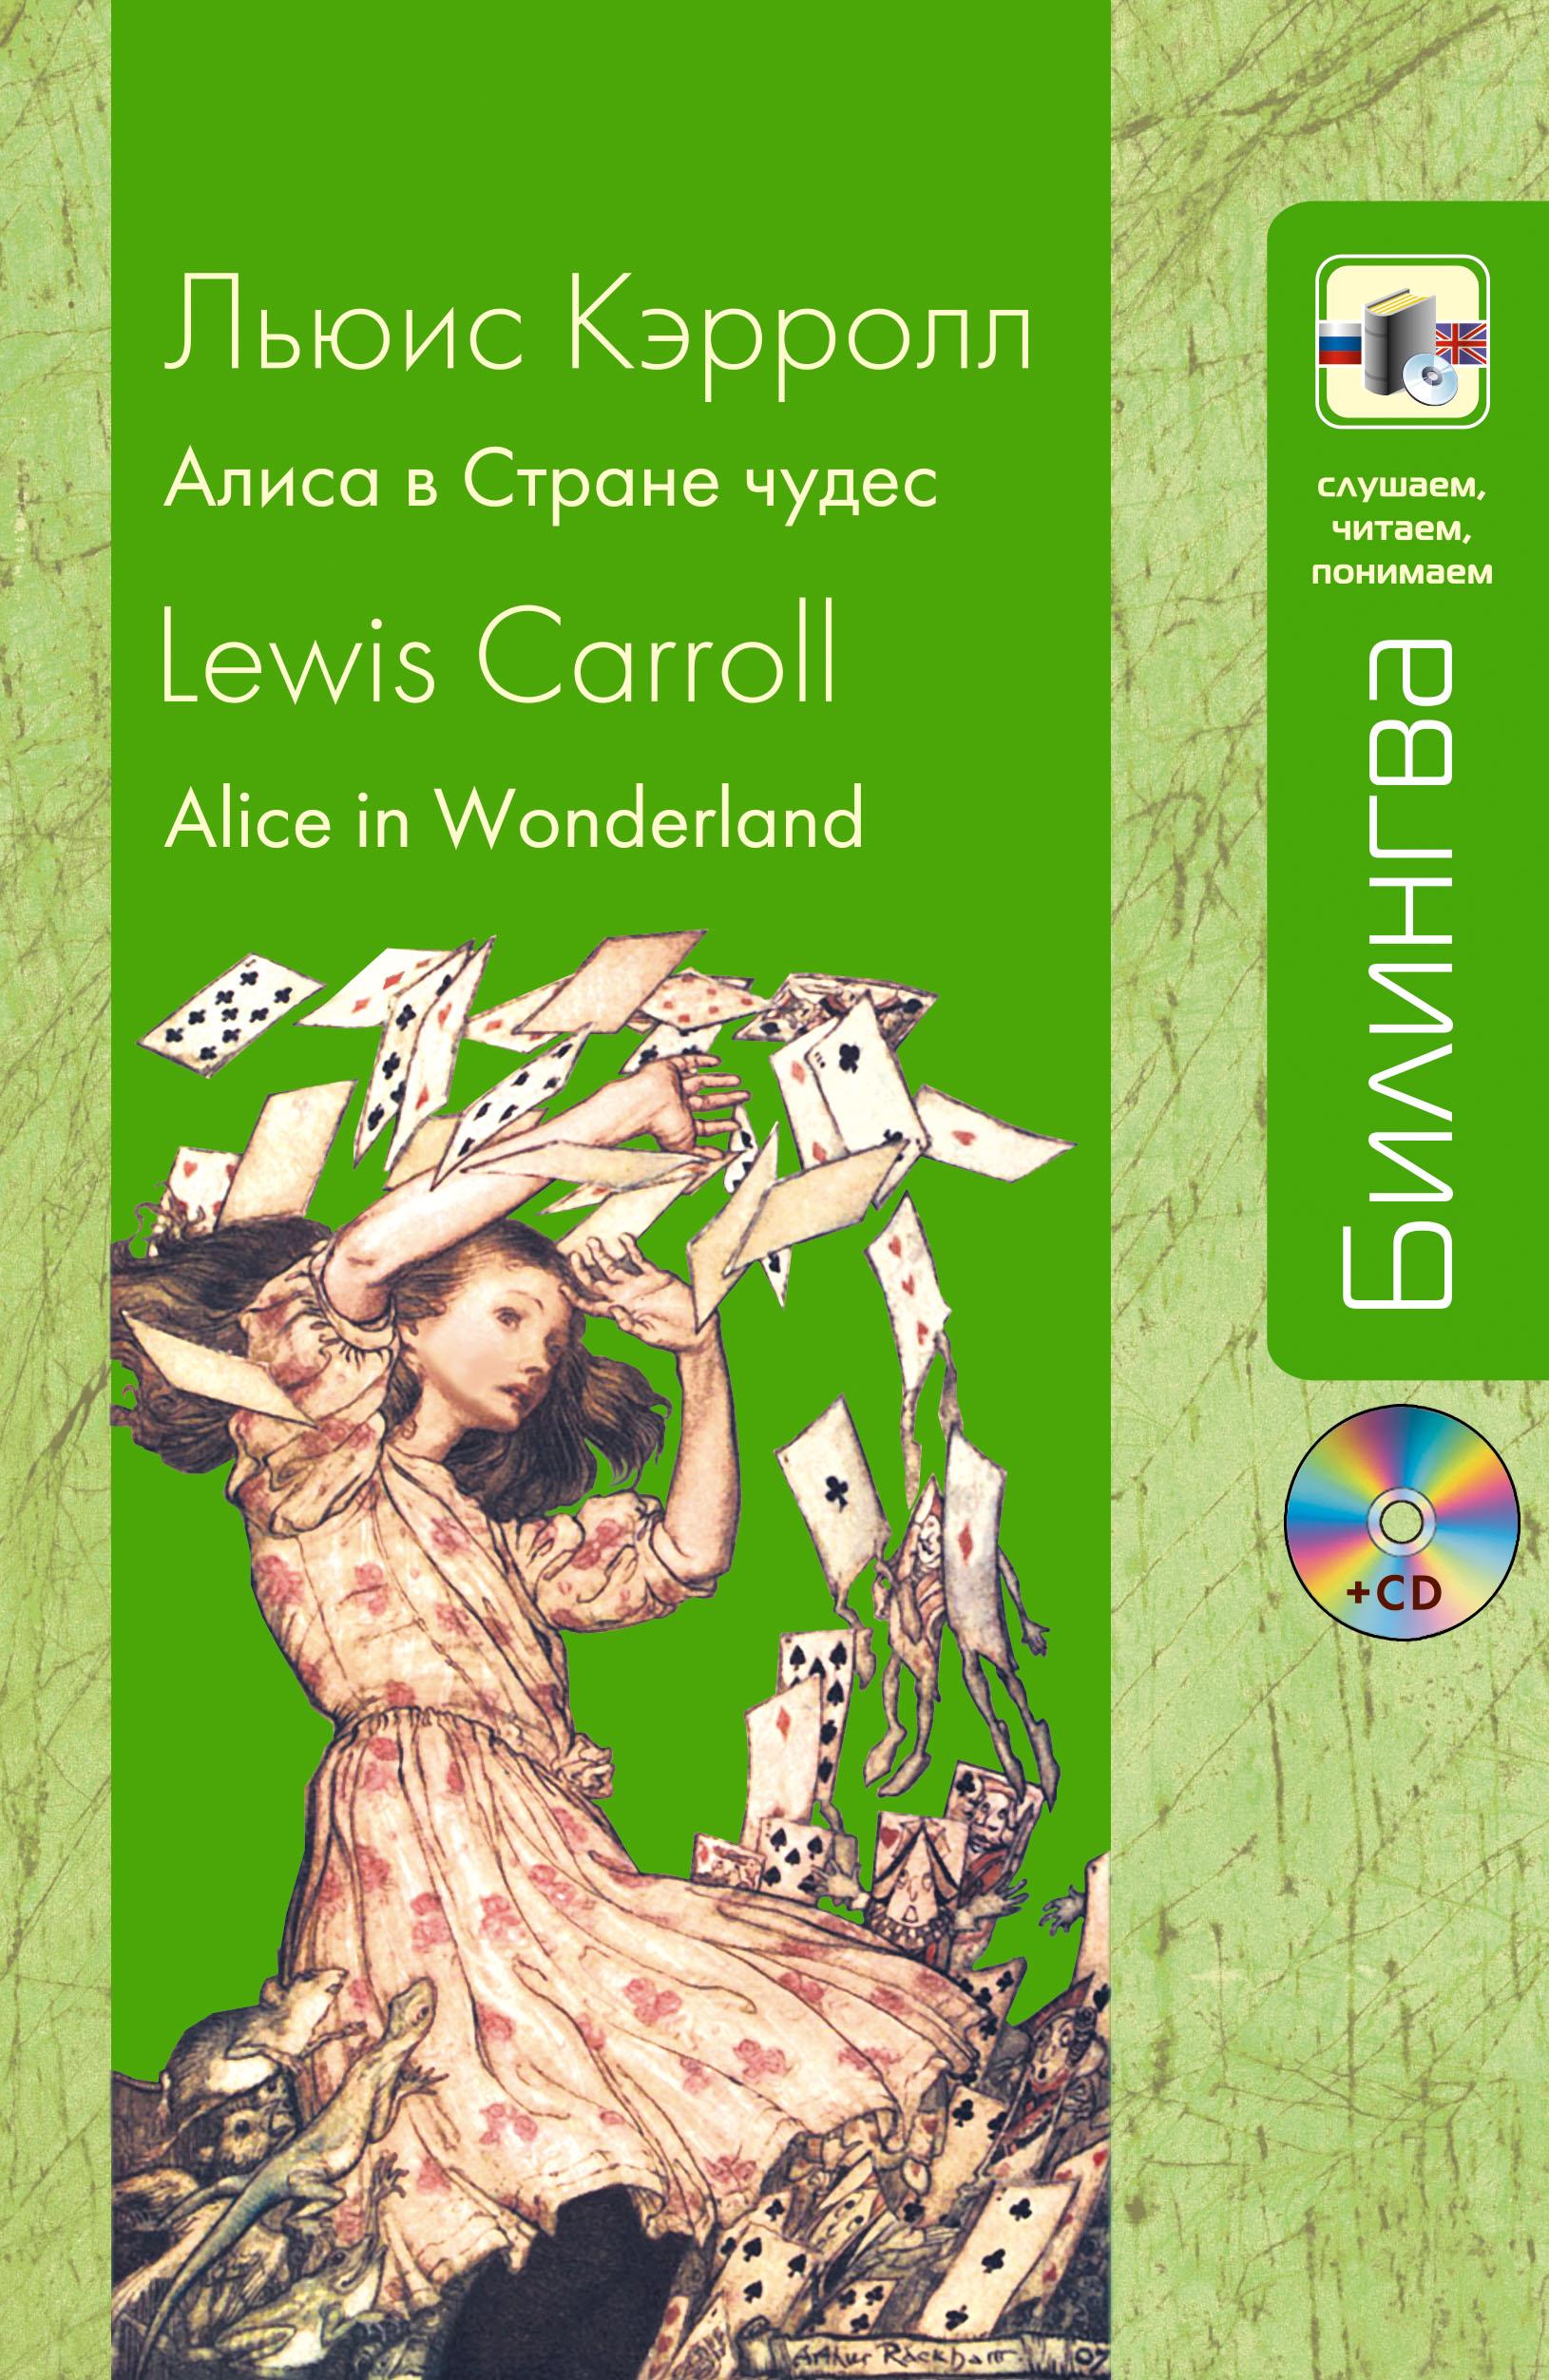 Кэрролл Л. Алиса в Стране чудес (+CD)